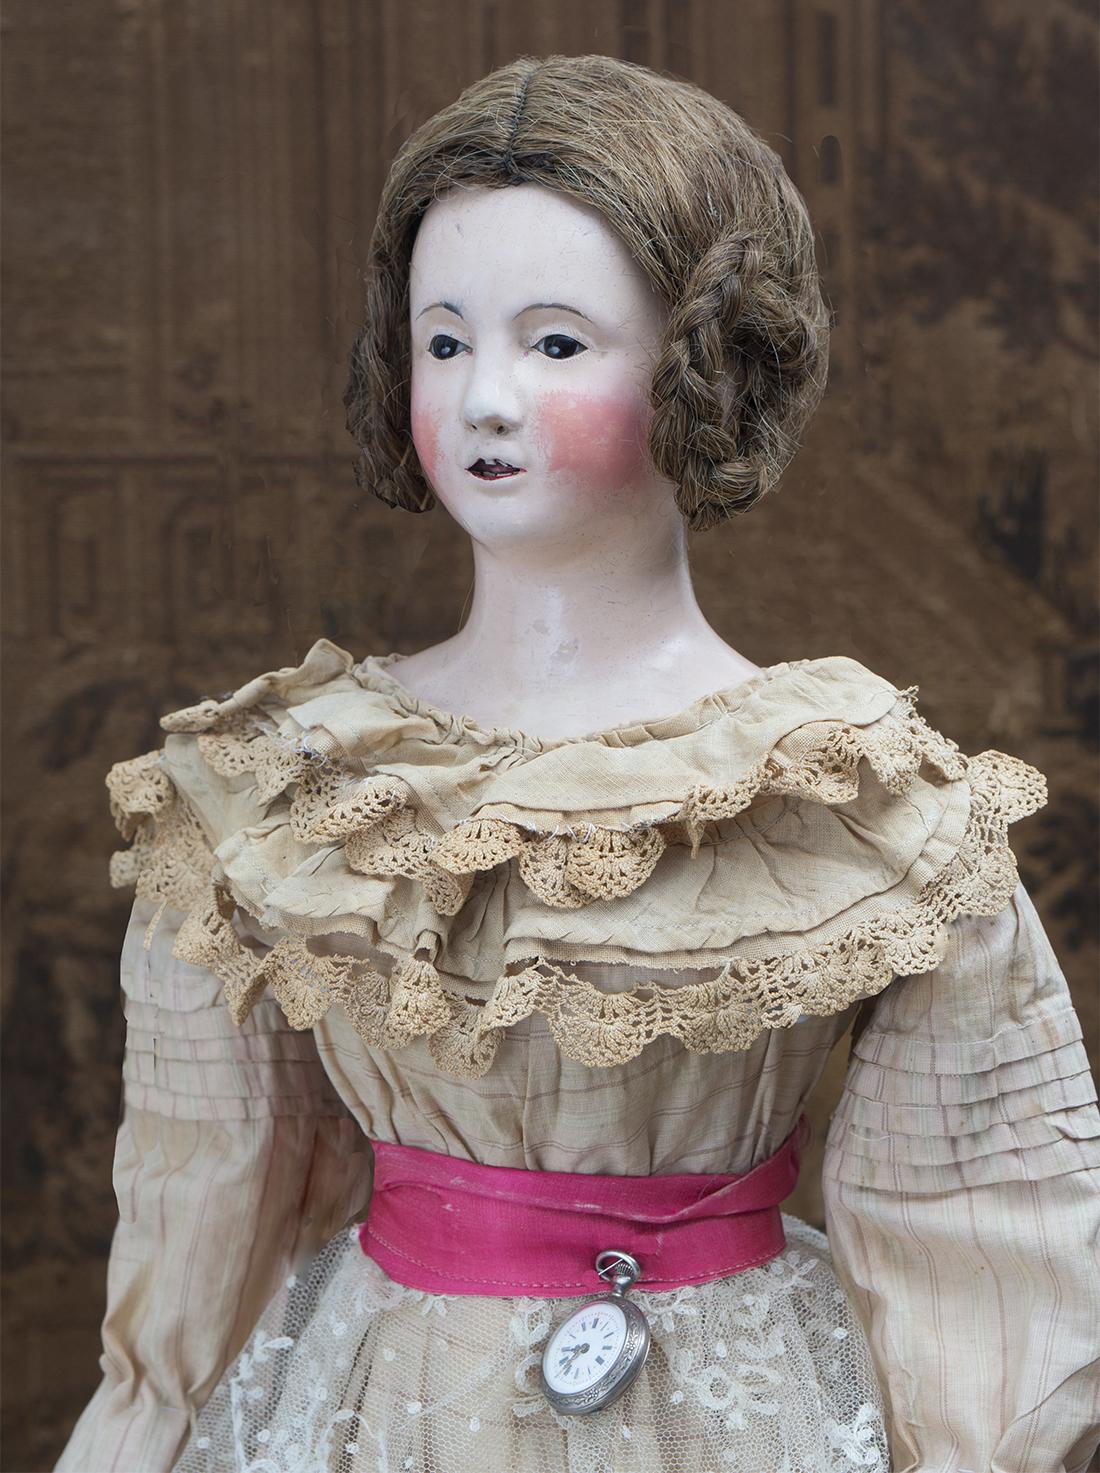 75cм Кукла из Папье-машеБ 1840г